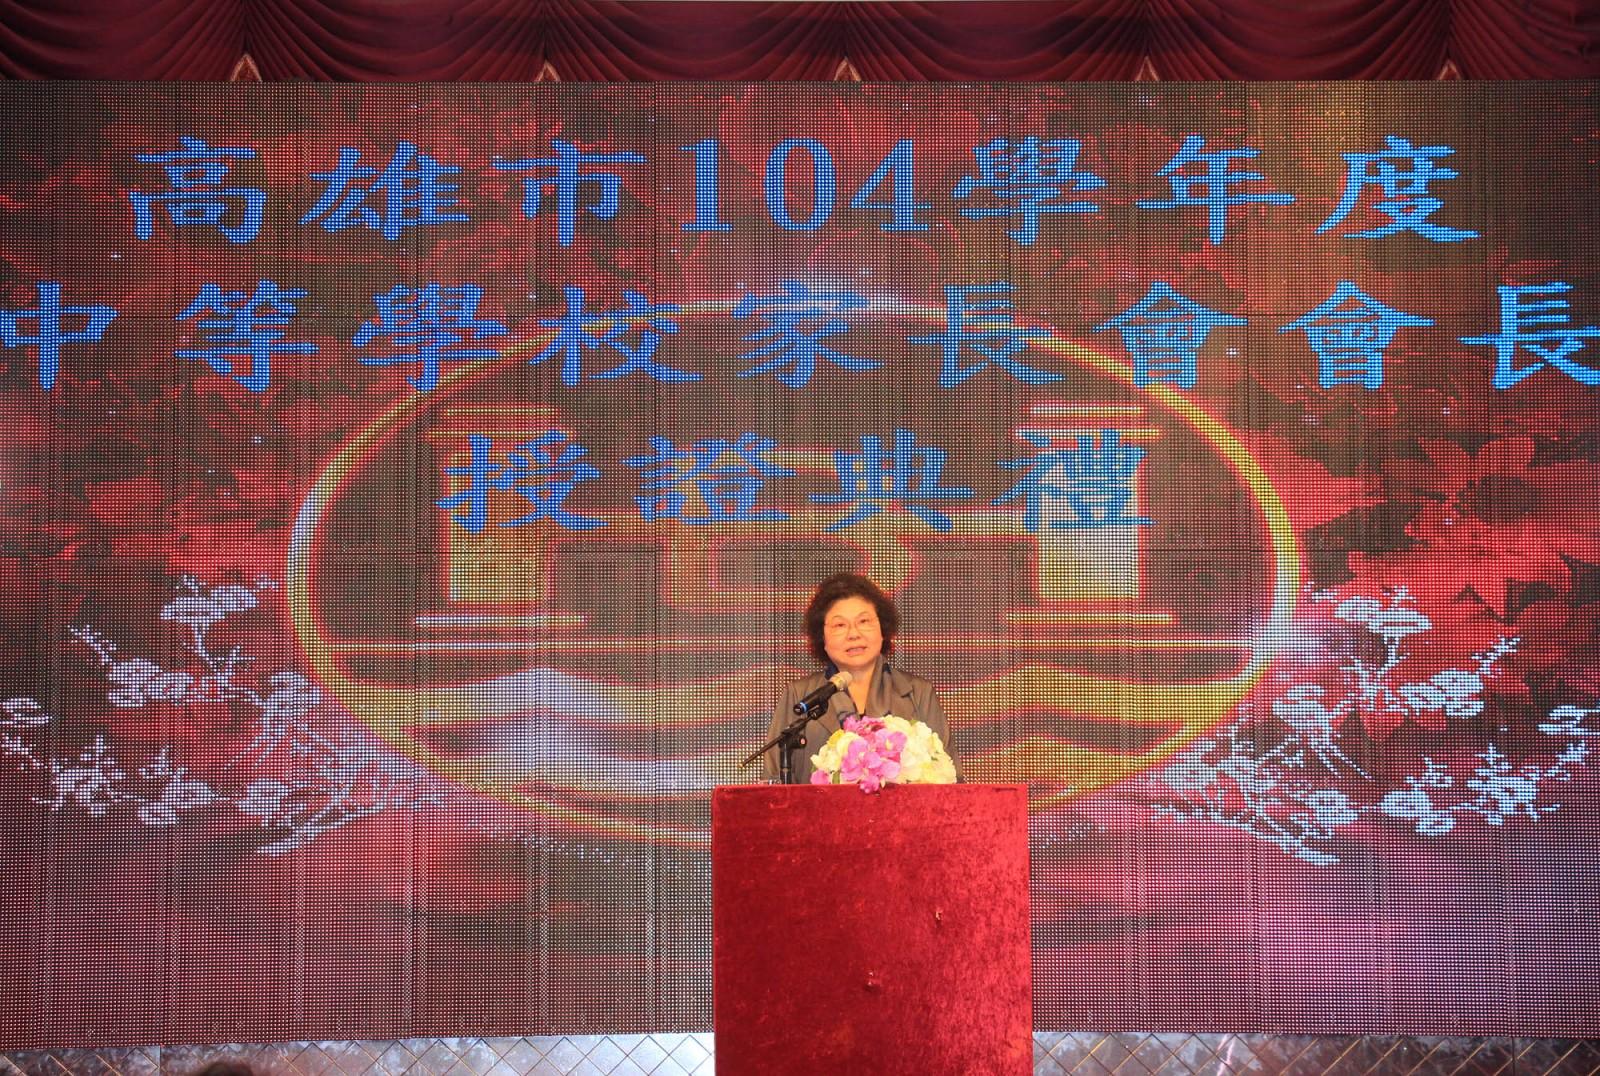 中等學校家長會長授證 陳菊勉成為教育推手